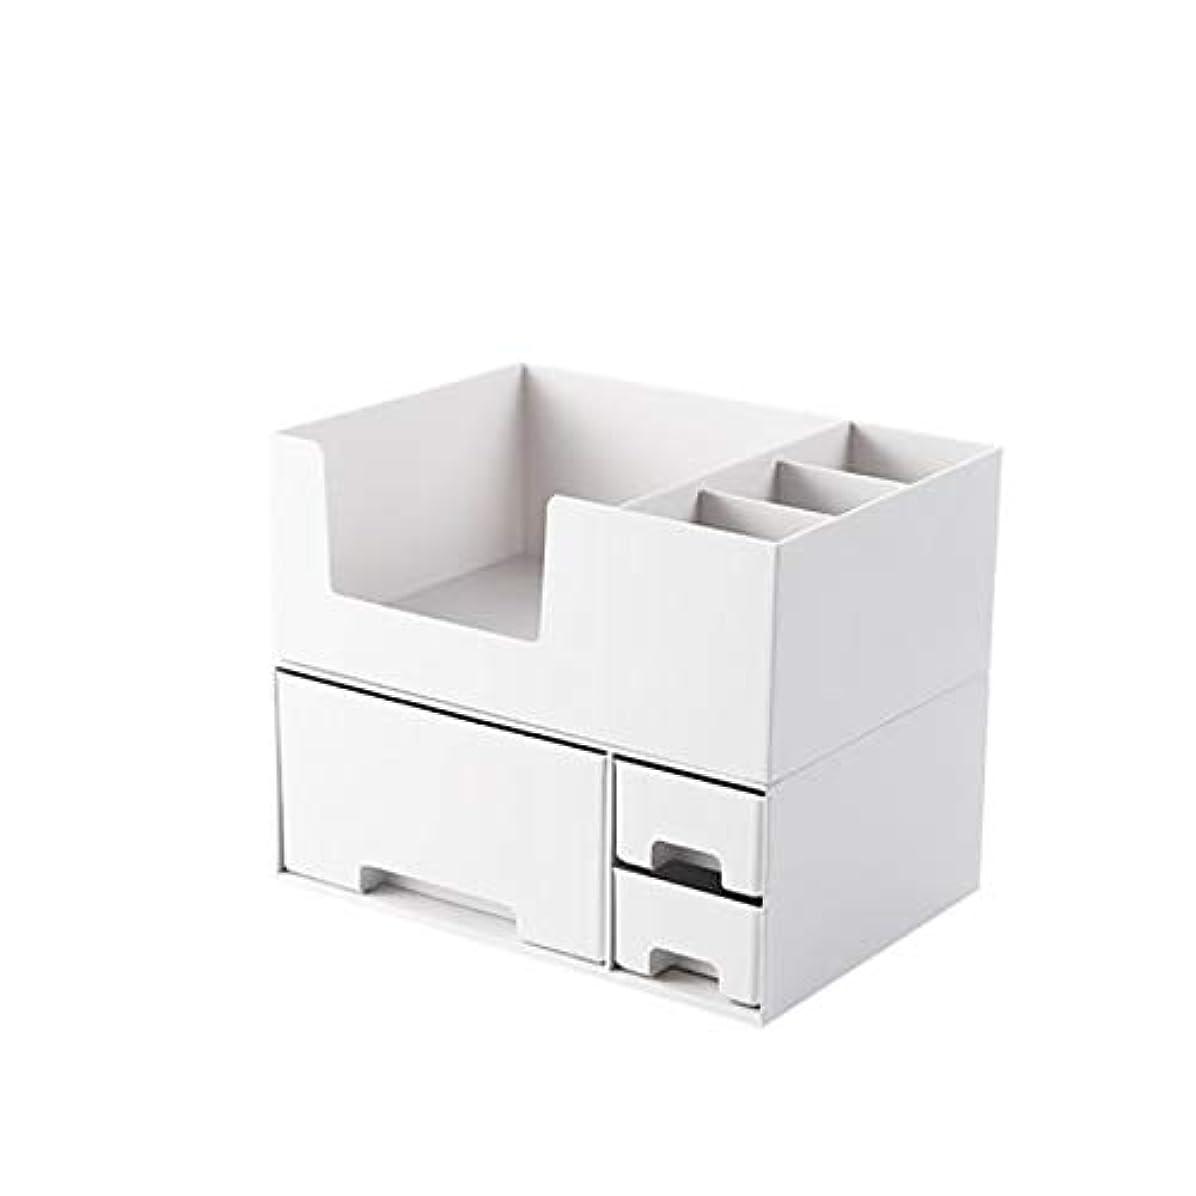 マングル私解釈DHGE 化粧品収納ボックス 机上収納ボックス 多機能 引き出し付 机上棚 収納 文房具 大容量収納 デスク上置棚  卓上収納ラック